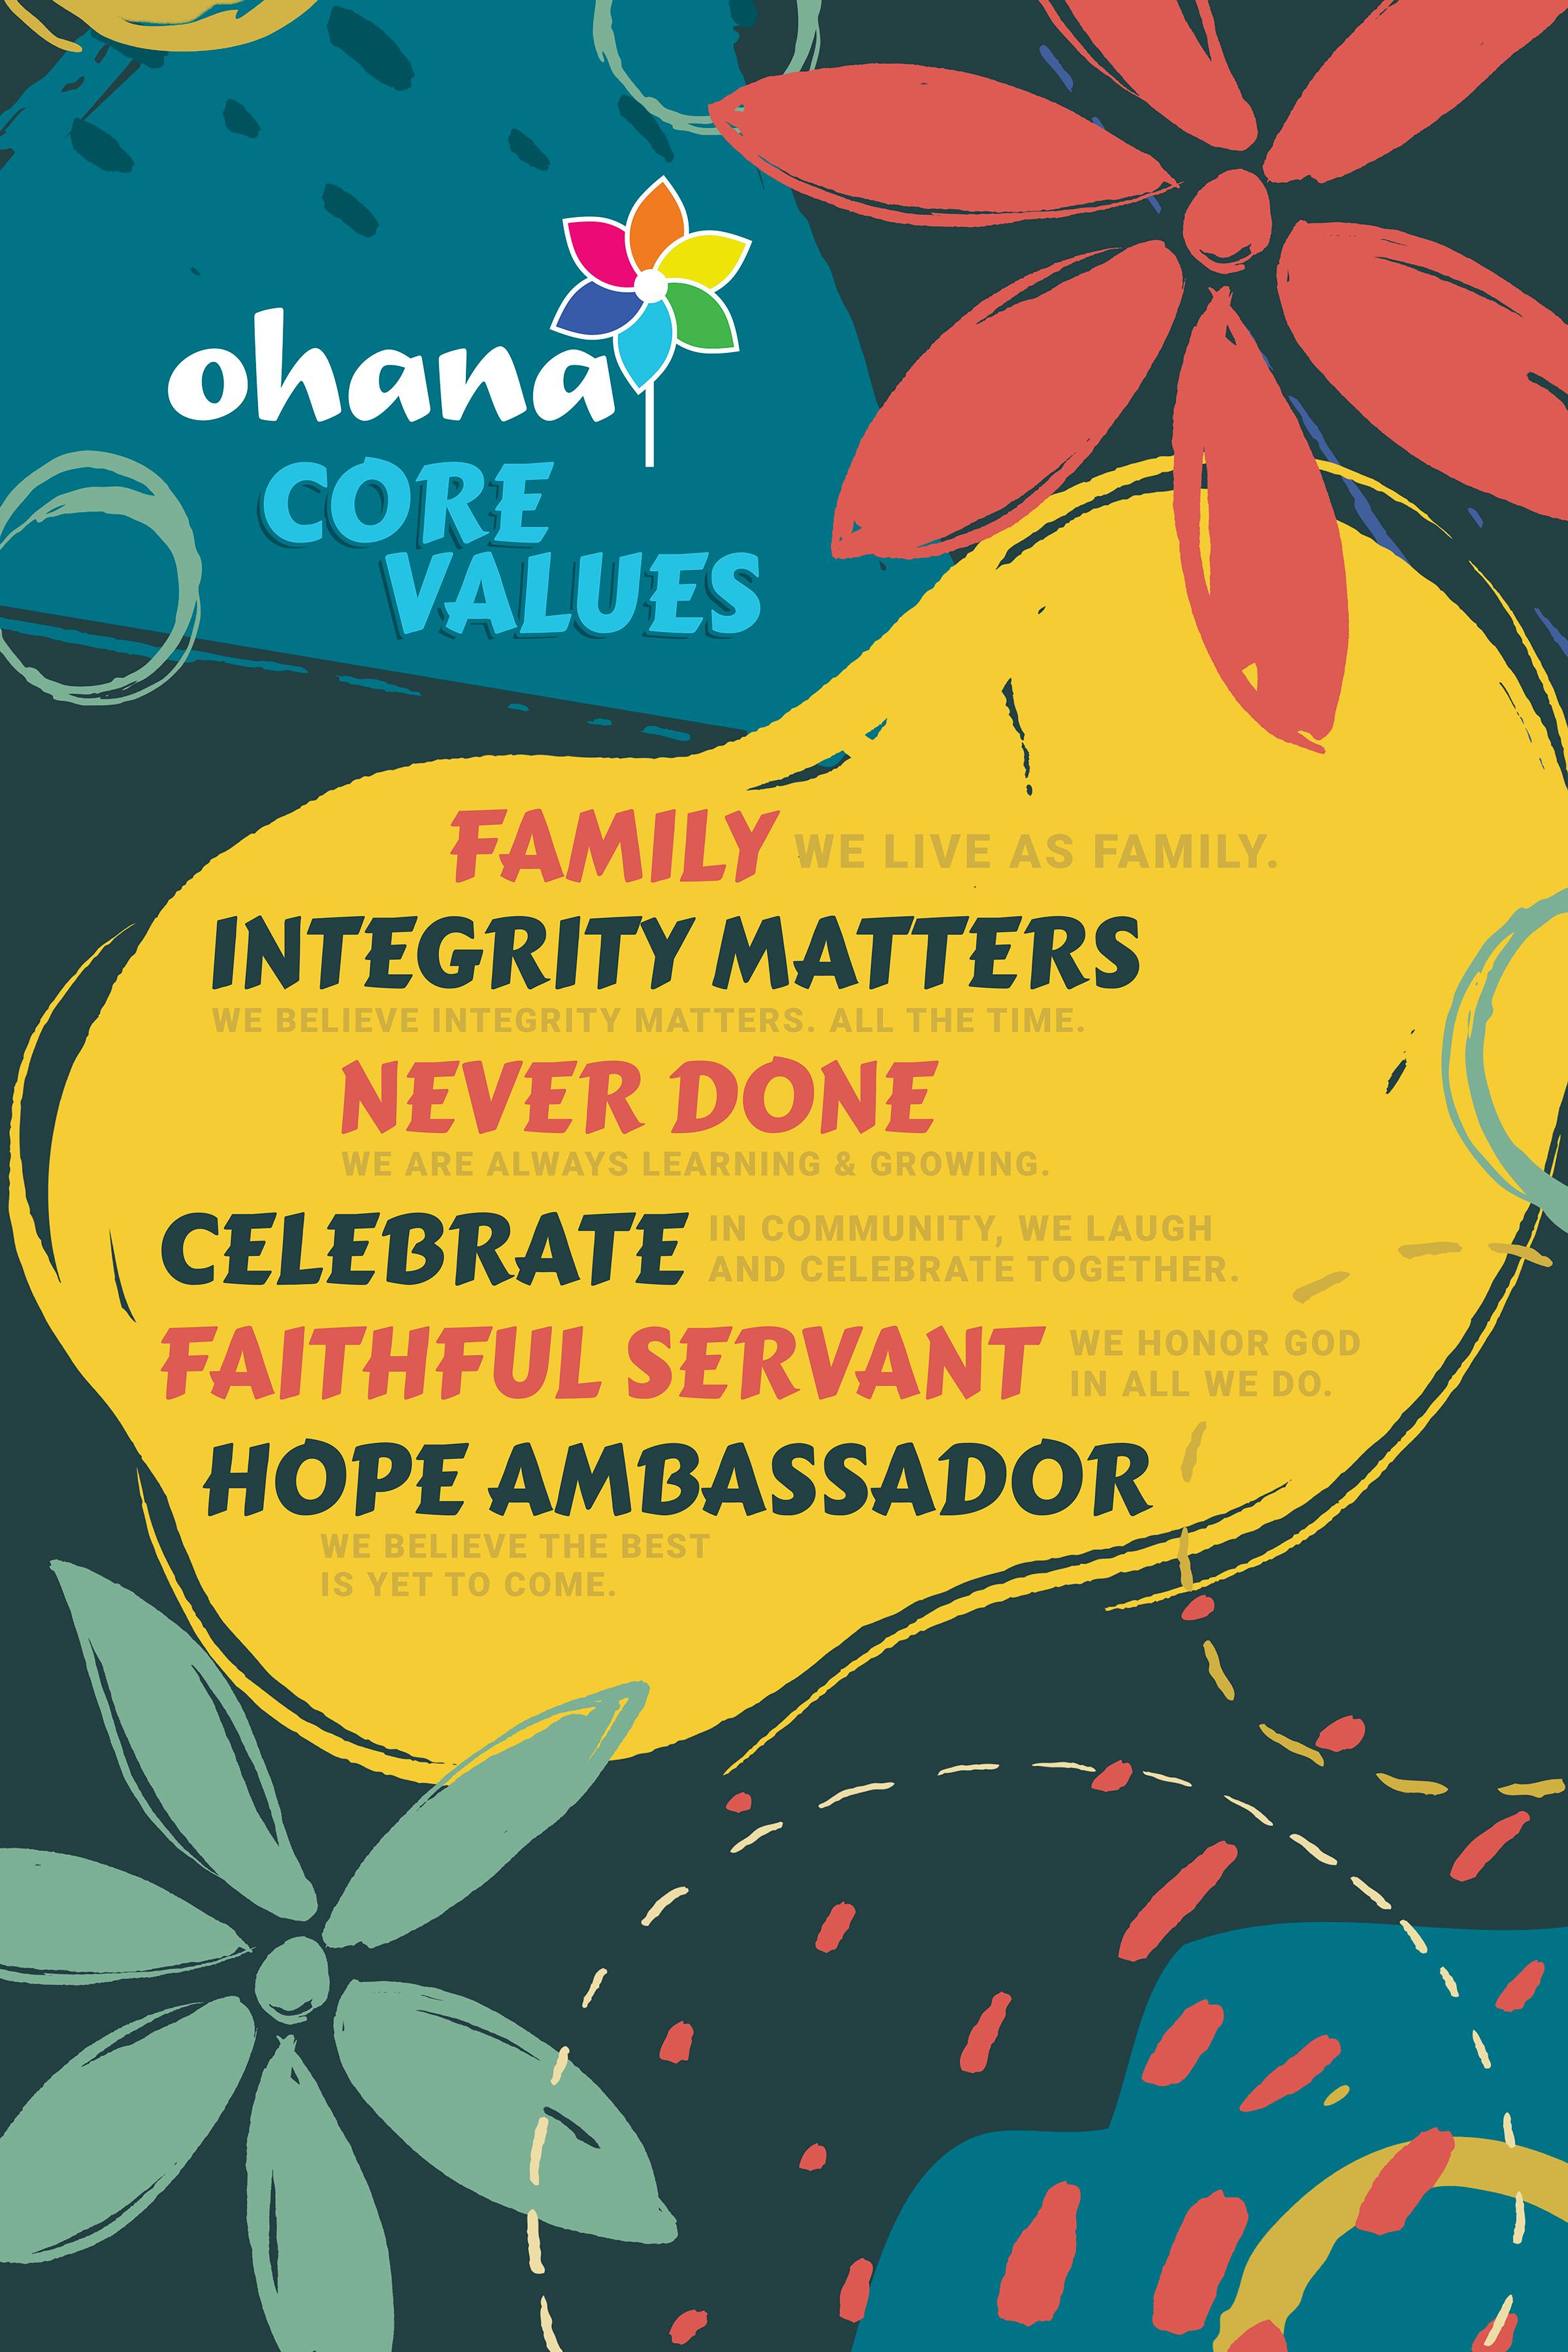 A poster describing Ohana's Core Values